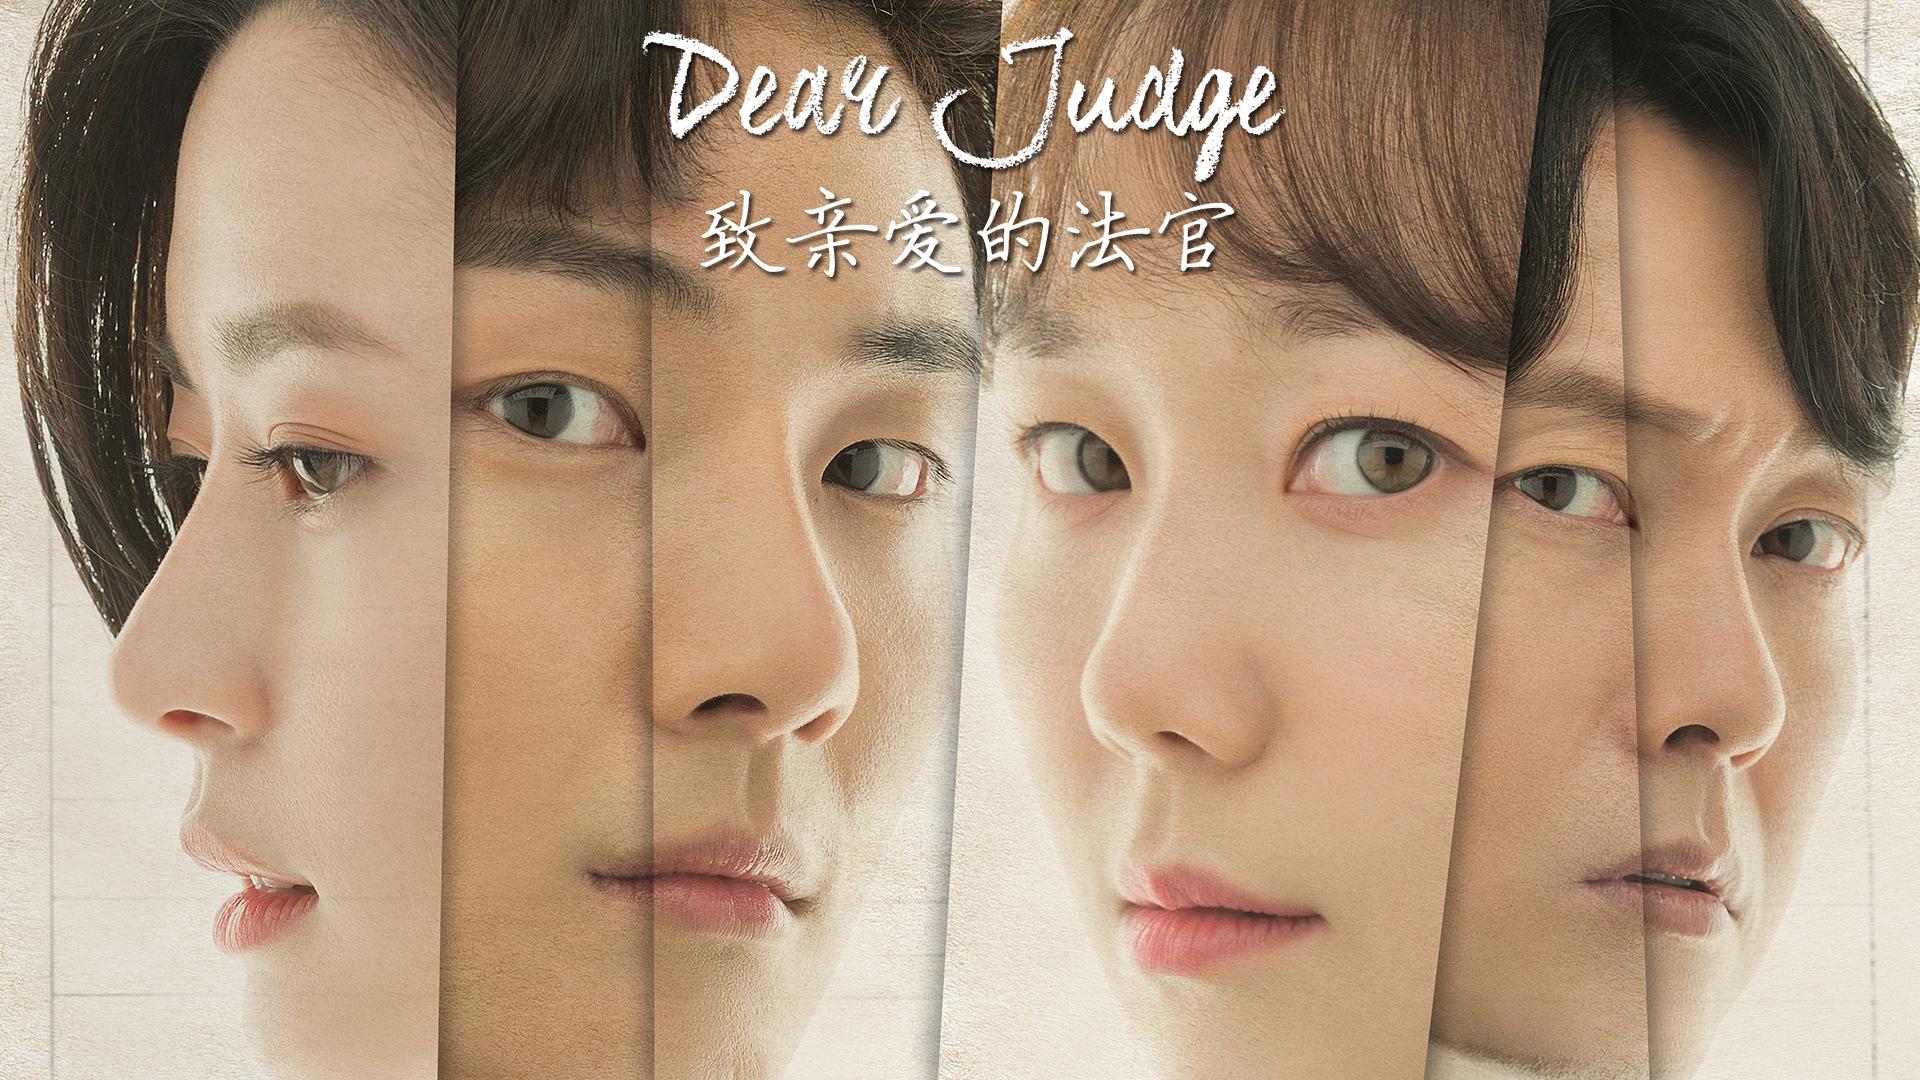 DEAR JUDGE